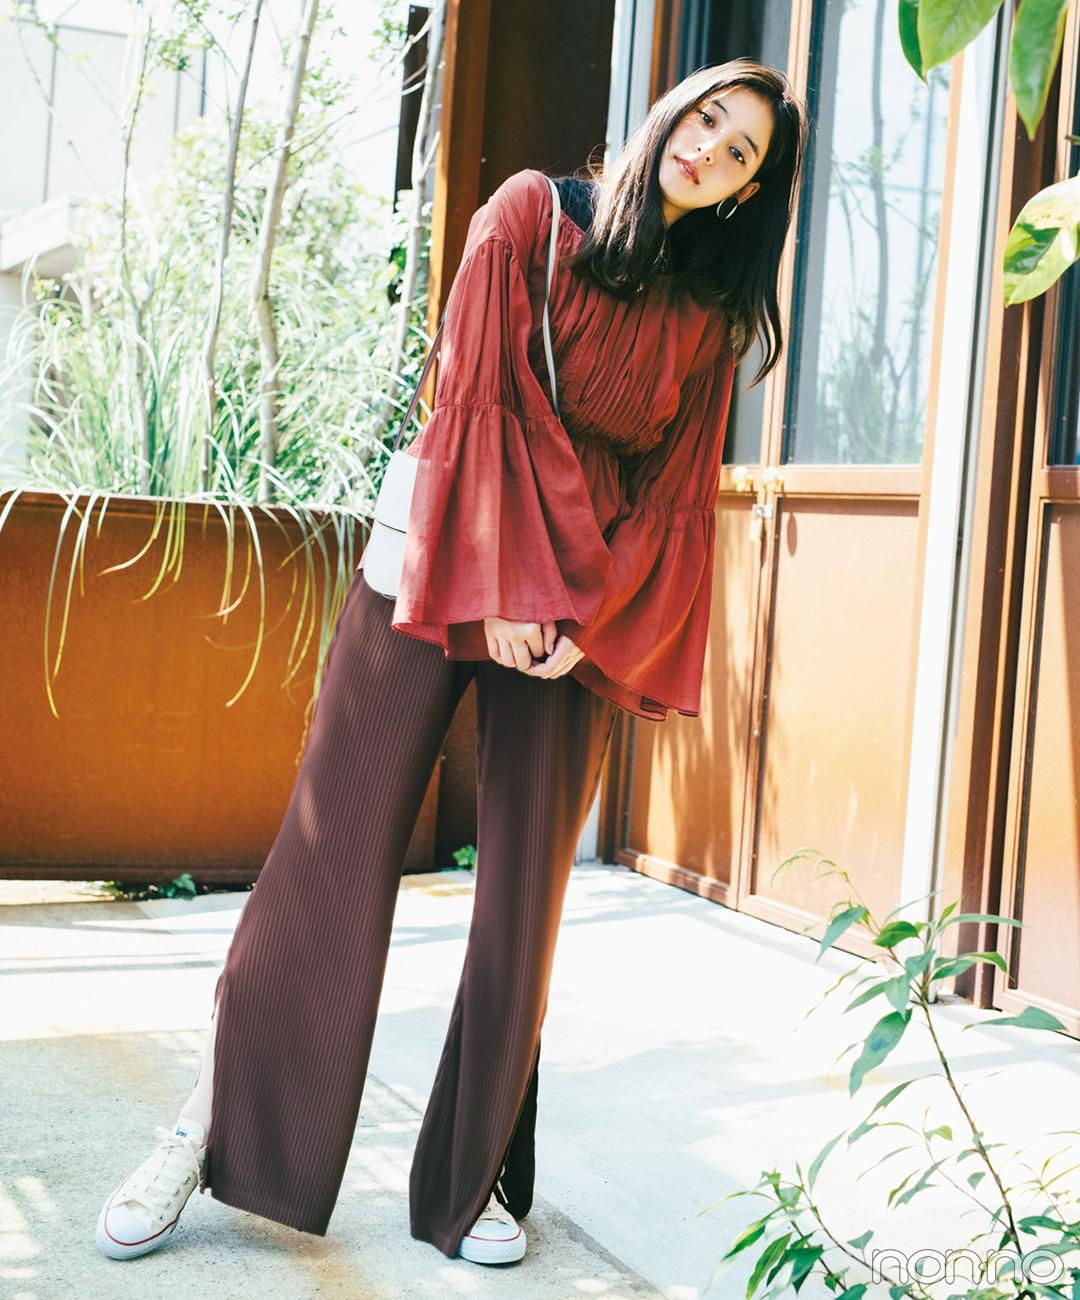 新木優子は秋先取りのブラウングラデにトライ!【毎日コーデ】